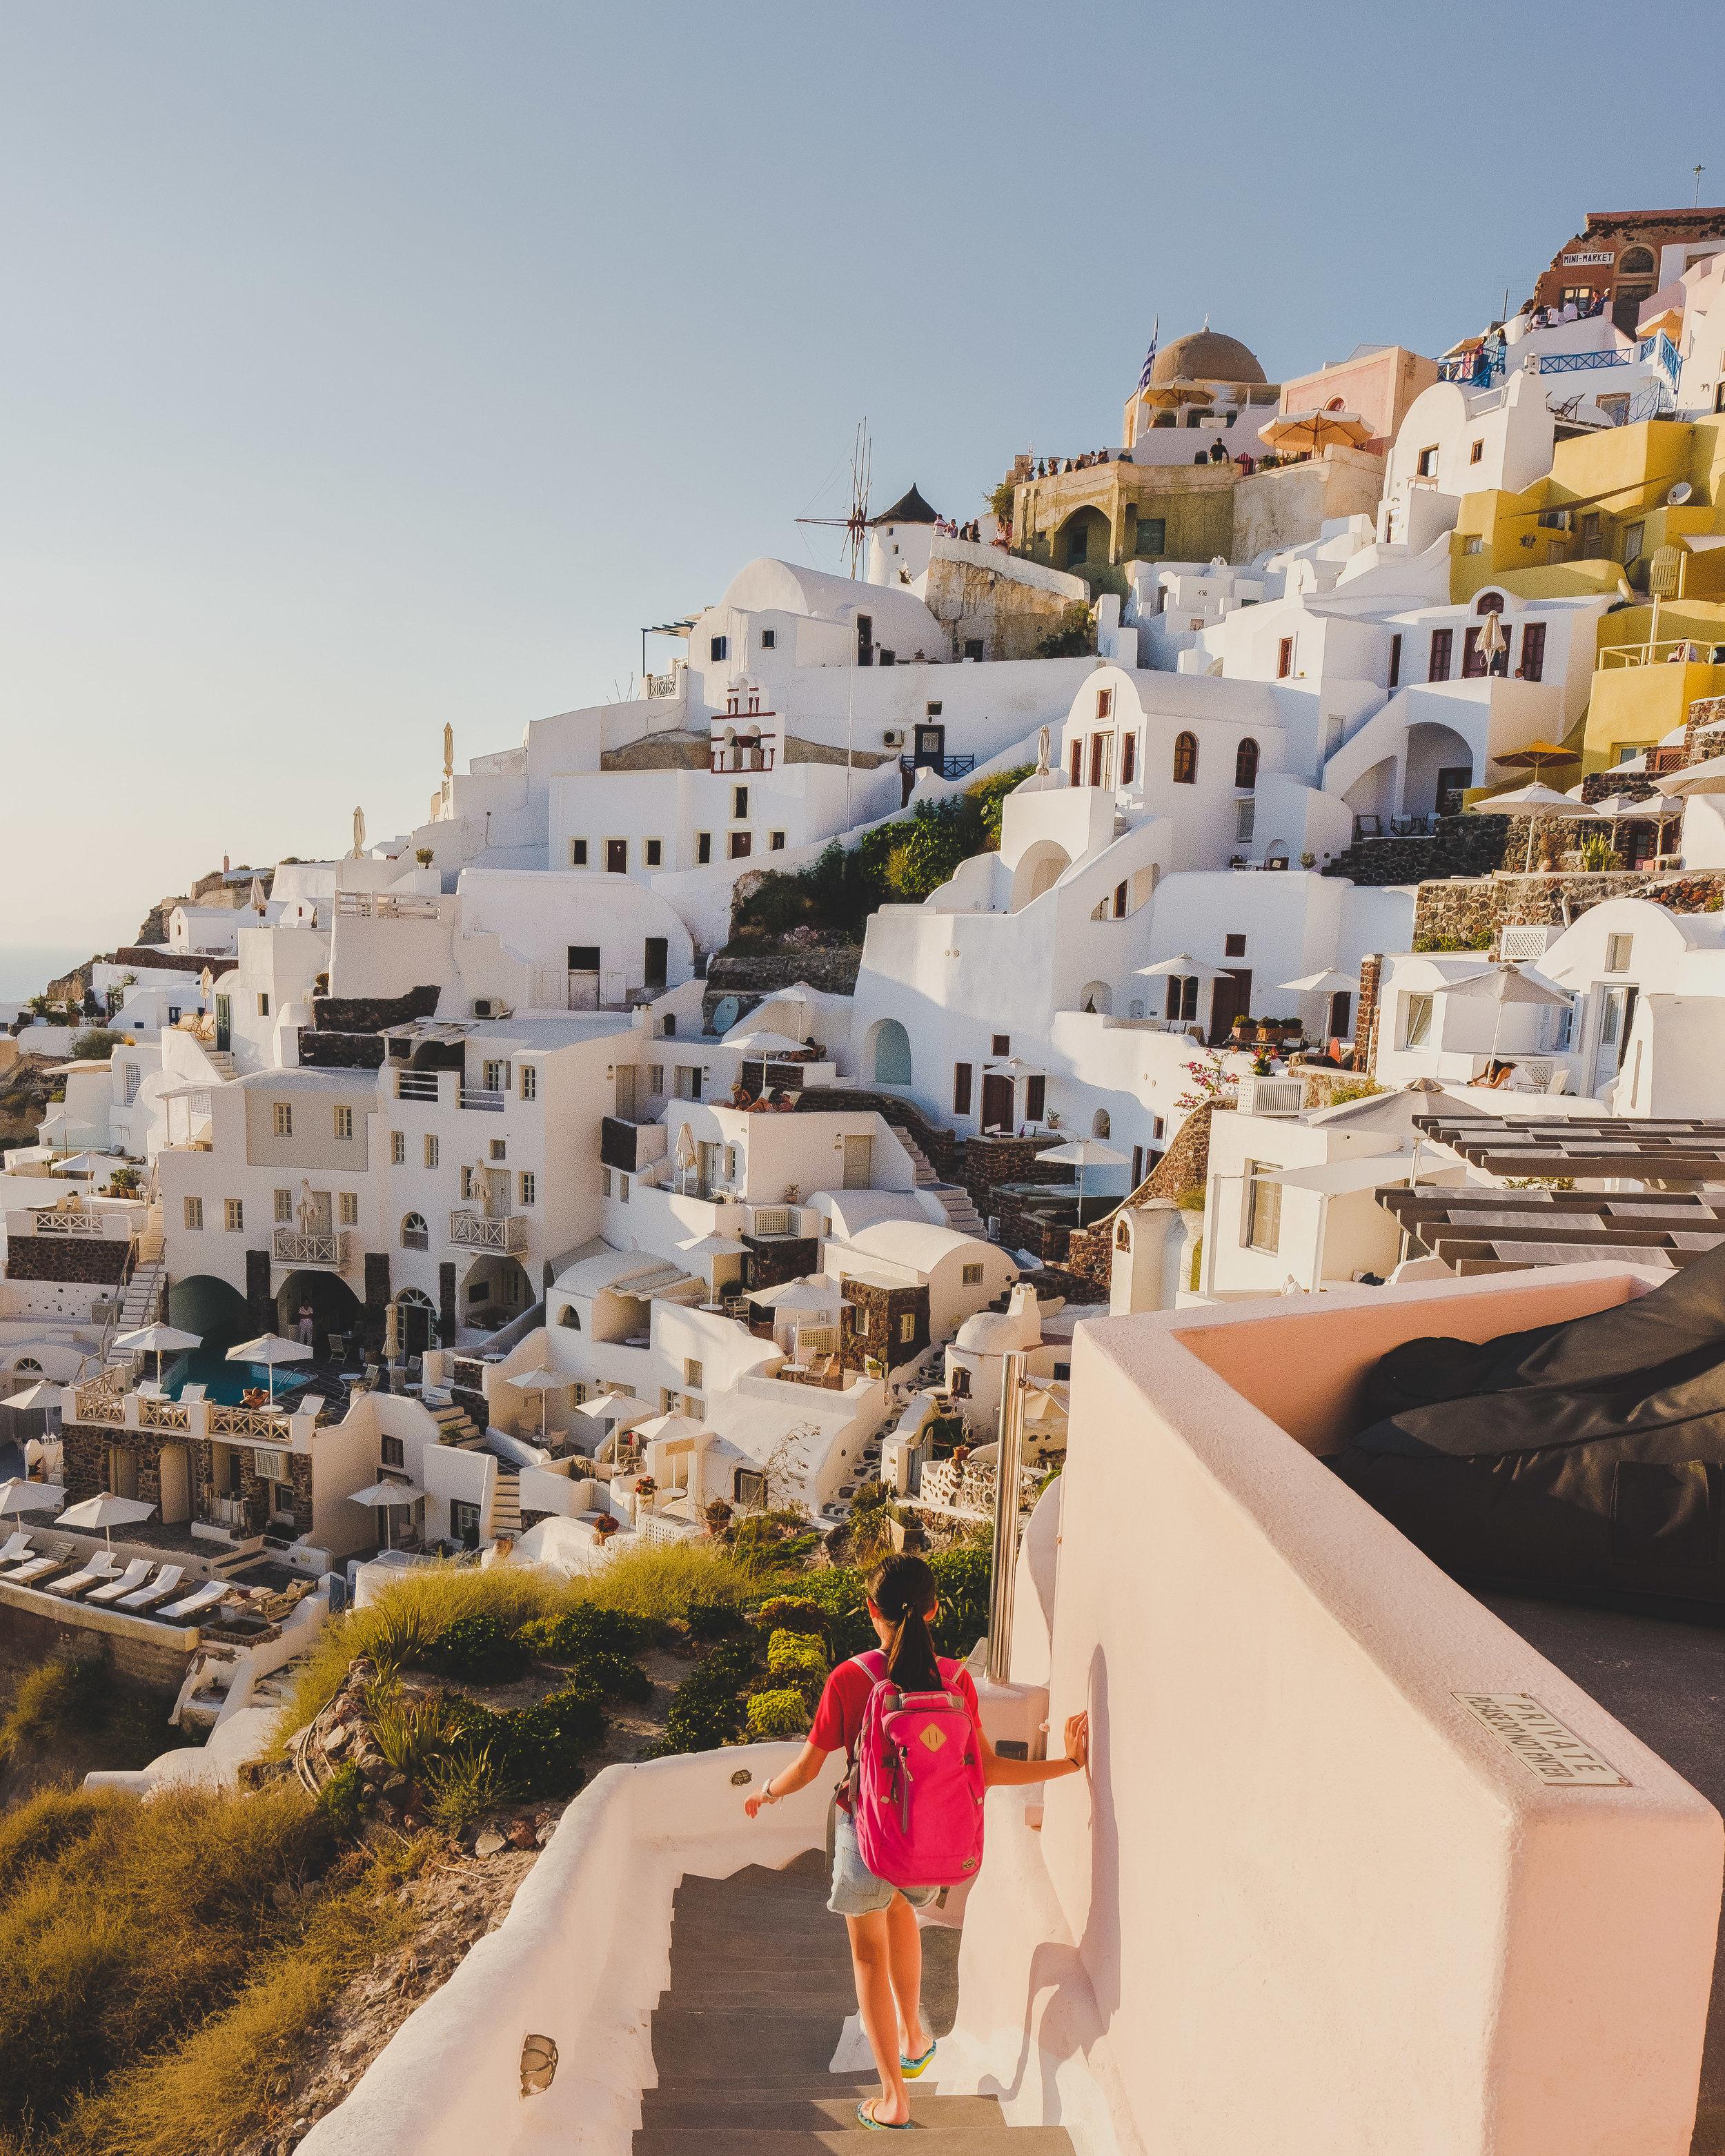 Grecia - Más allá de Santorini y Mykonos, este país tiene su encanto y por mucho menor costo. Sí, ve a Santorini, pero no olvides visitar Creta, Atenas, Tesalónica, Meteora y Corfú. En Navagio Beach, querrás quedarte eternamente. Su gastronomía única hará que cada cena sea una experiancia que atesorarás en tus más lindos recuerdos. Si escoges la temporada correcta, puedes pasarla súper sin gastar una fortuna (evita los meses de julio-agosto). Este destino es excelente si quiere reconectar con tu pareja o simplemente hablar de sueños futuros.